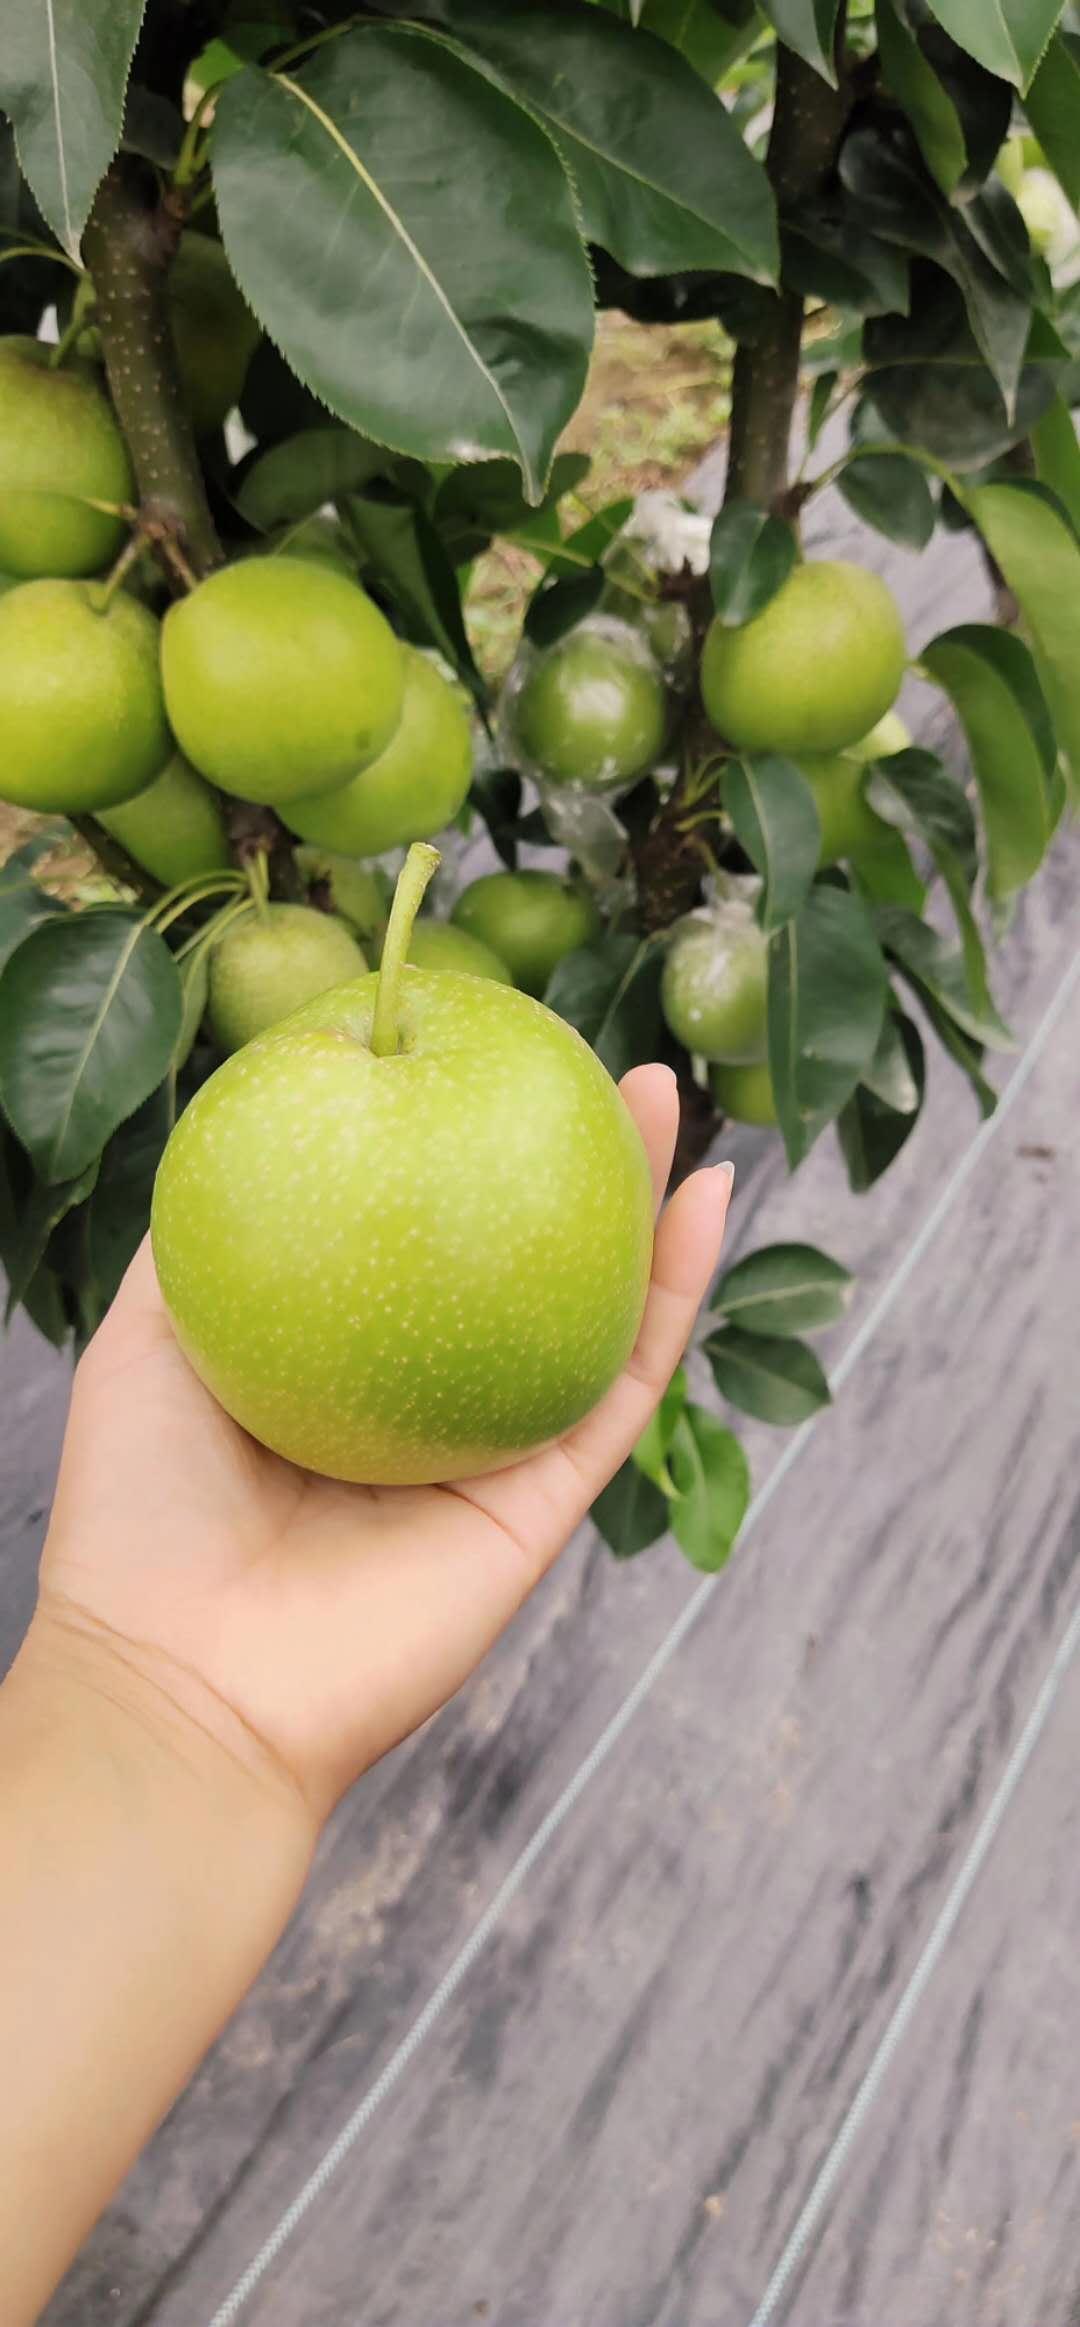 四川雅安梨子果苗,梨子果苗價格,梨子樹苗現場起苗